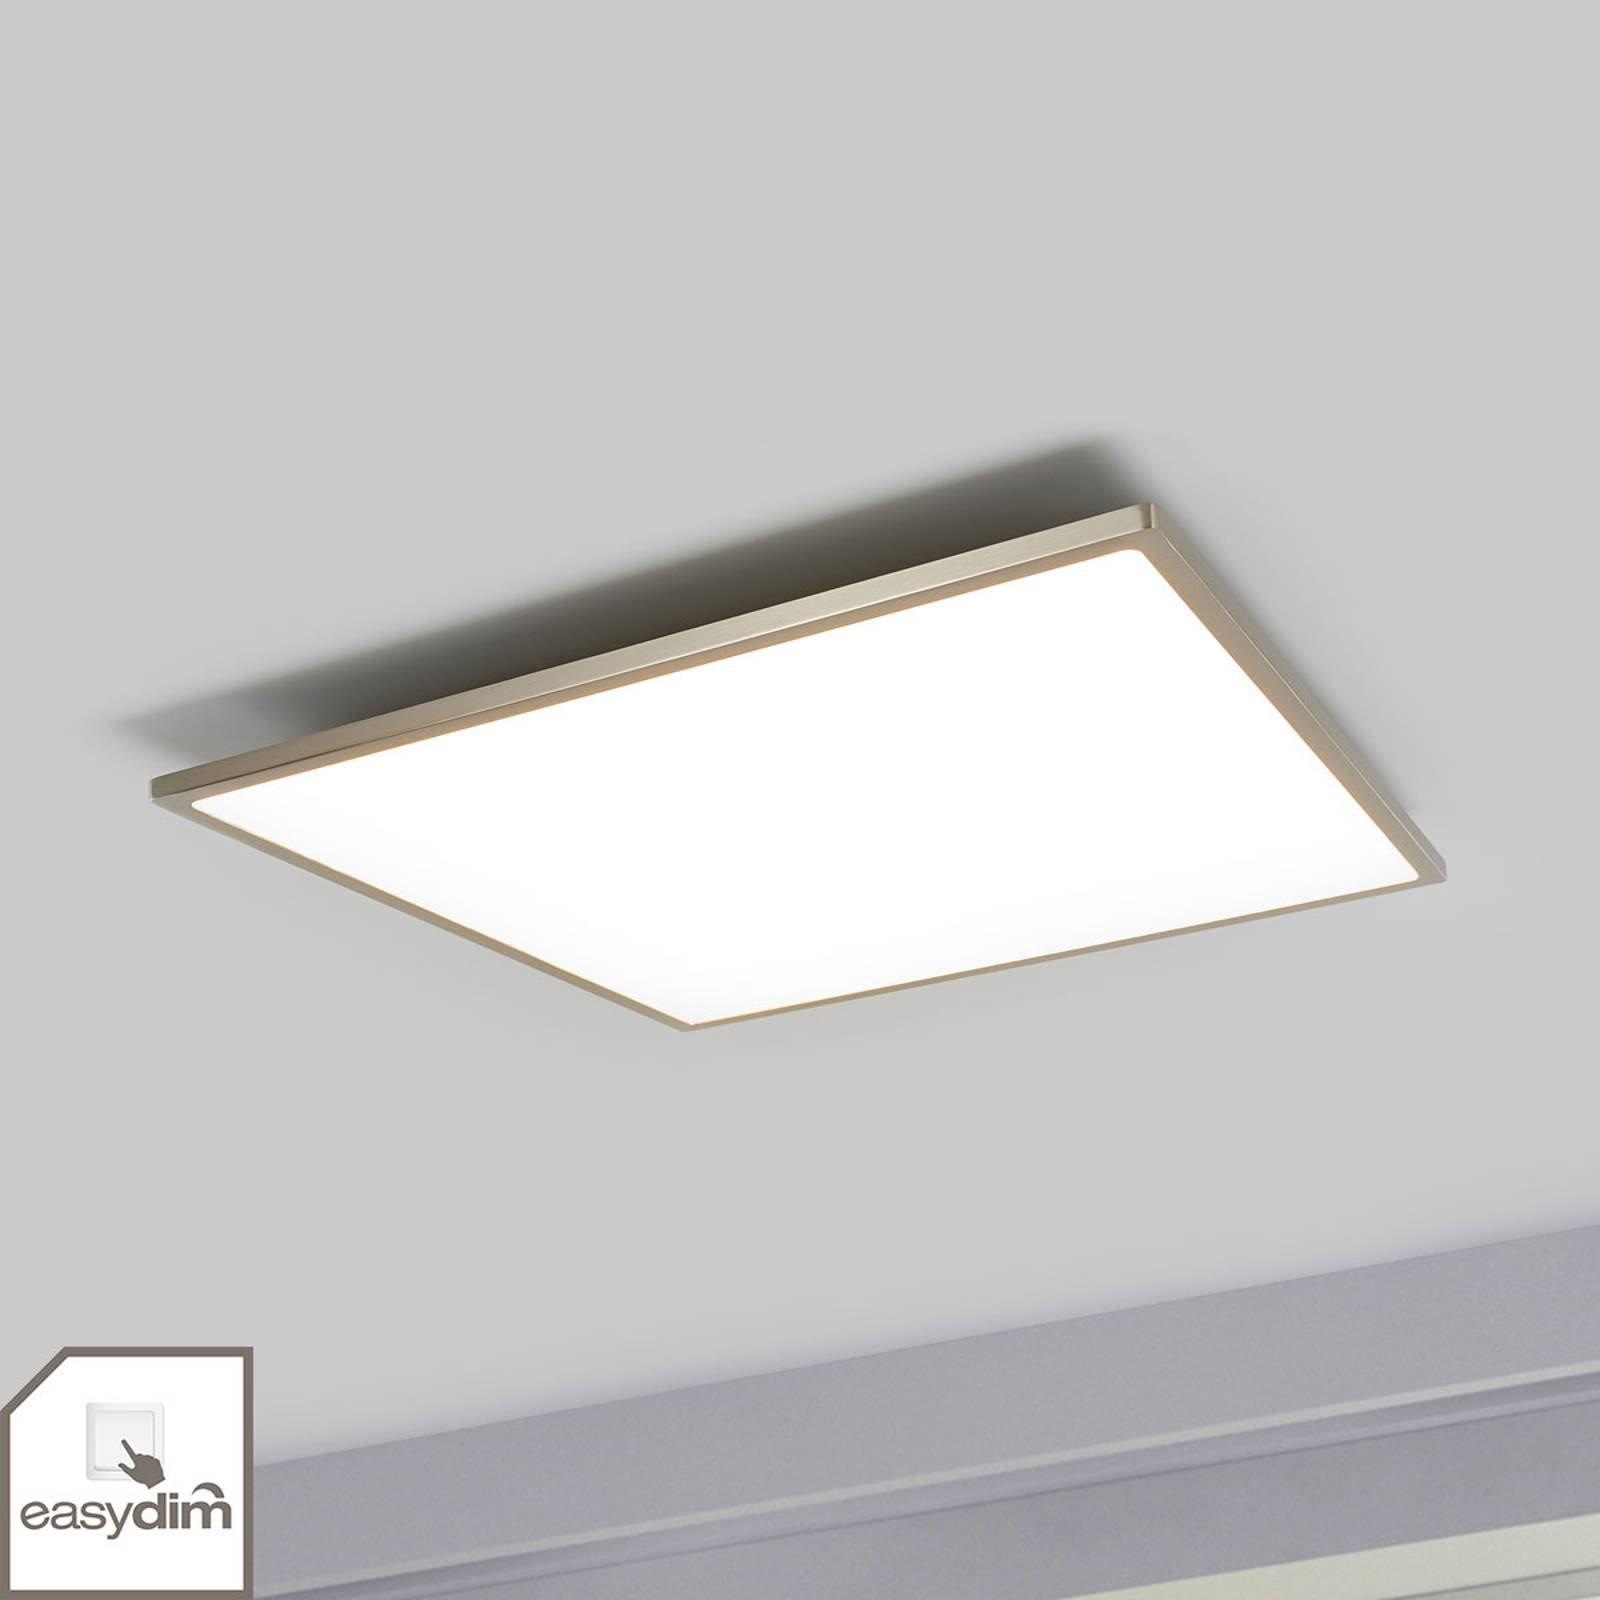 Easydim LED taklampe Ceres i kantet form